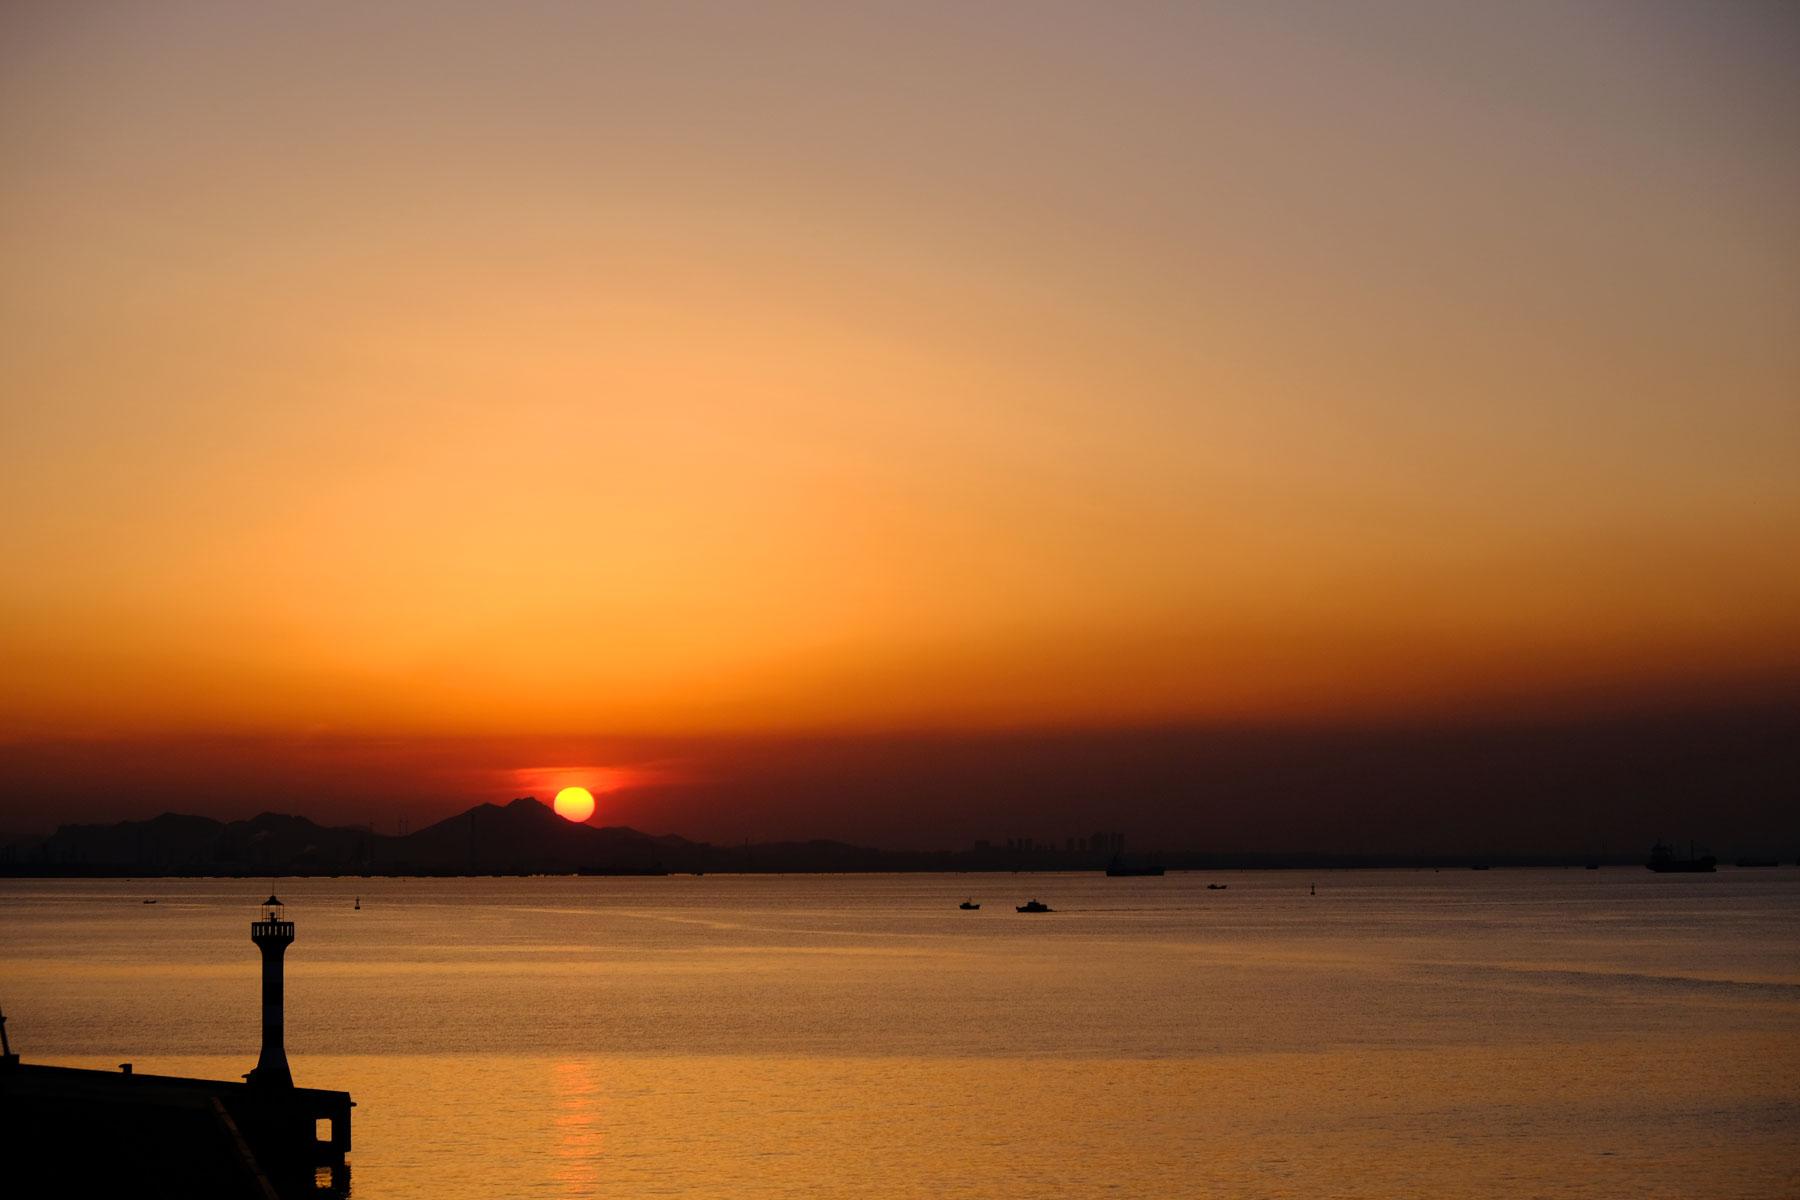 Über dem Hafen von Qingdao in China geht die Sonne unter.